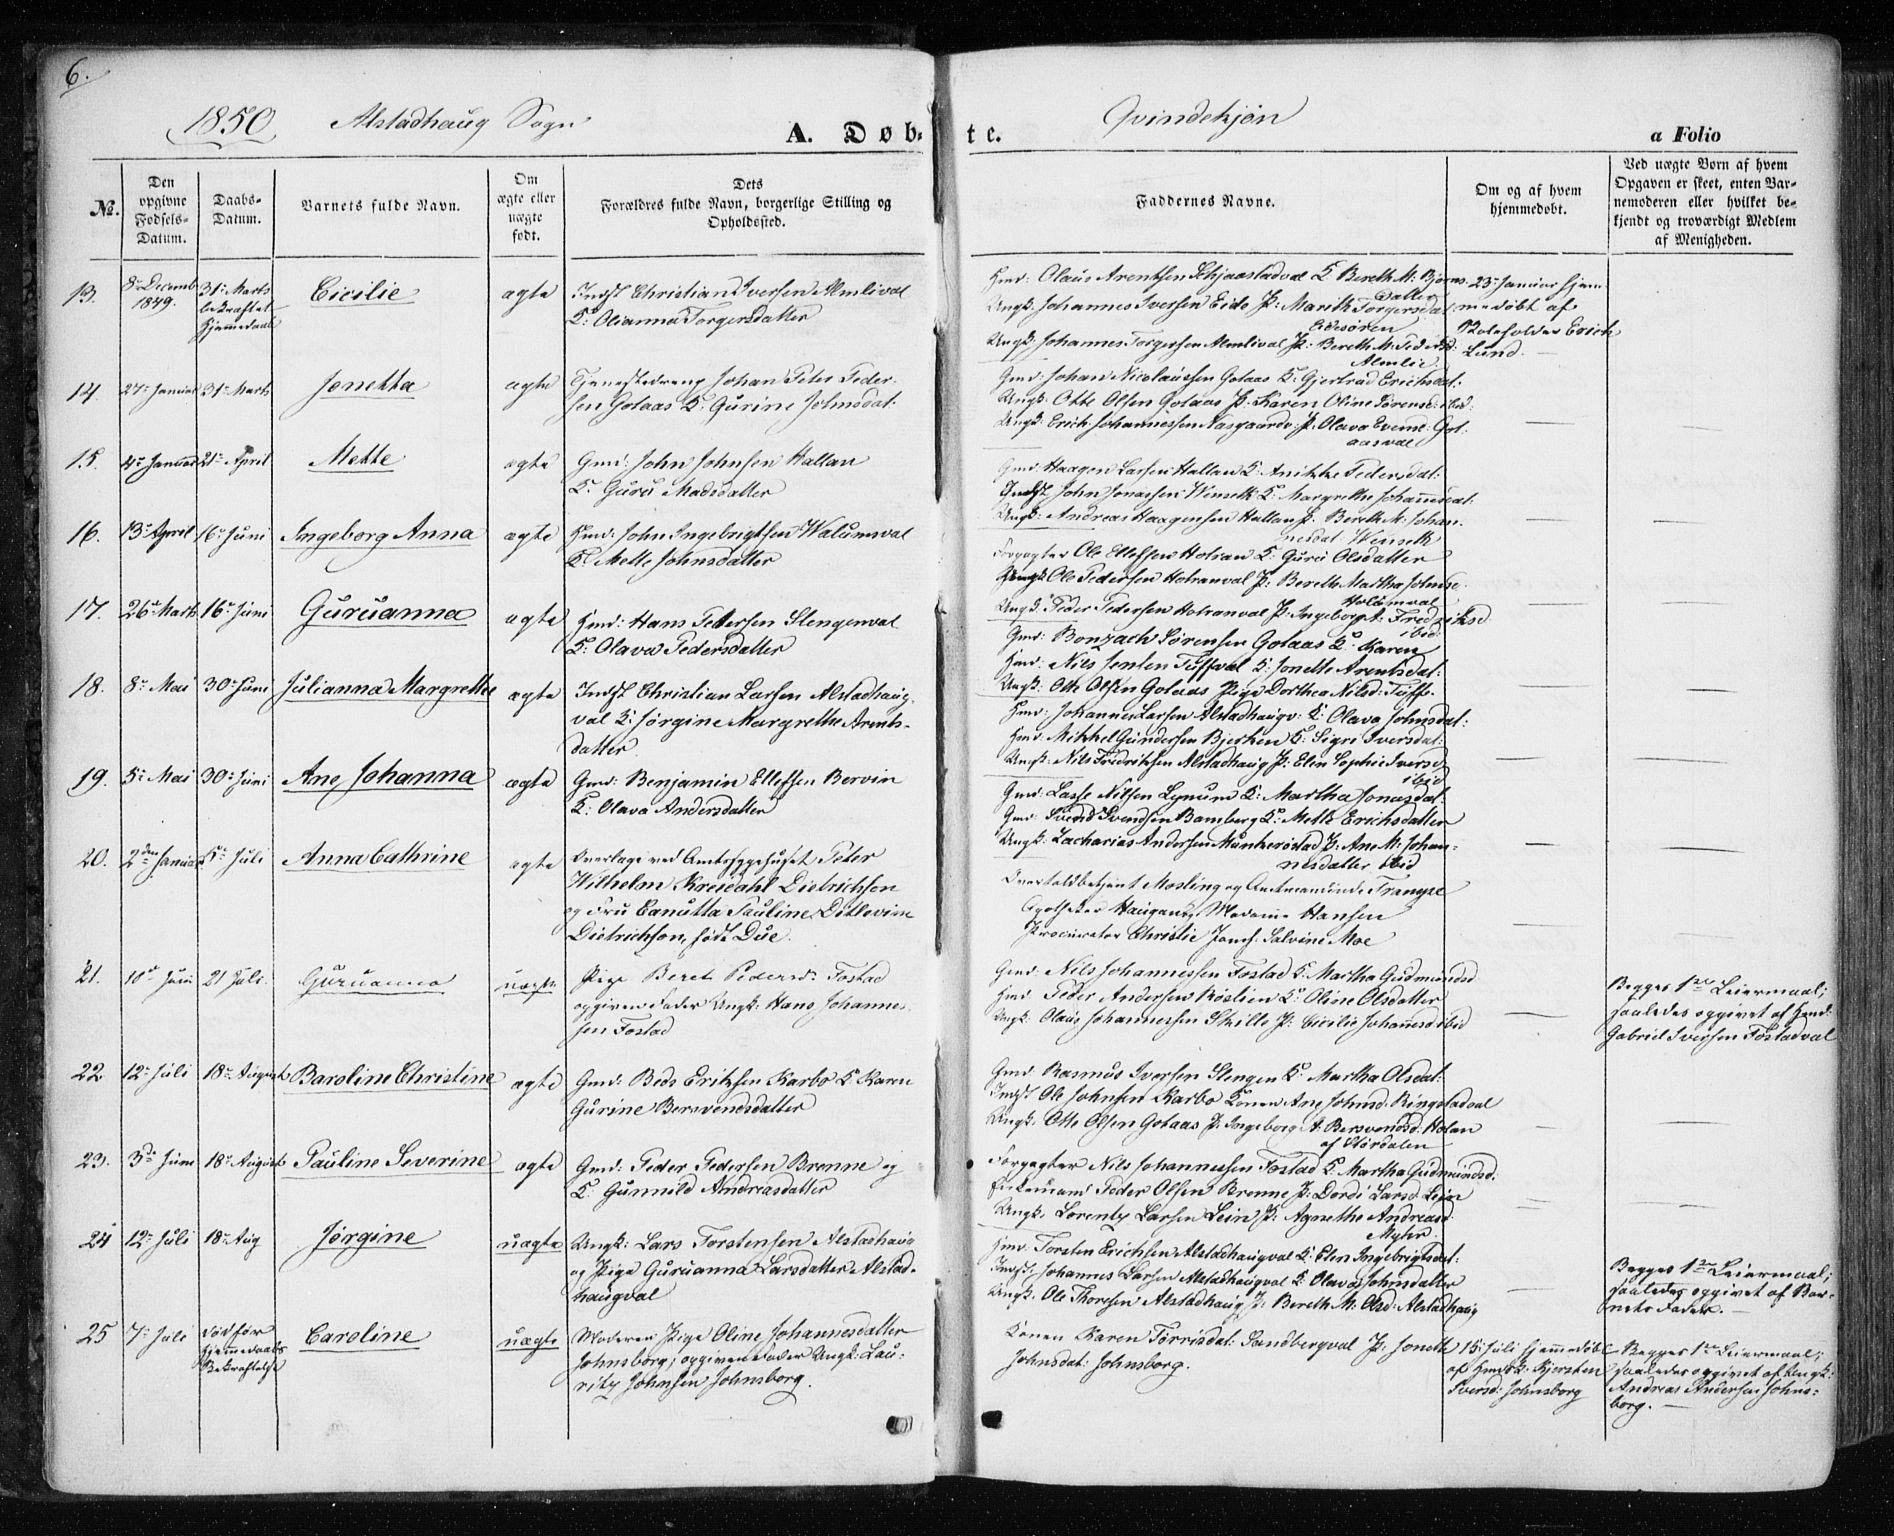 SAT, Ministerialprotokoller, klokkerbøker og fødselsregistre - Nord-Trøndelag, 717/L0154: Ministerialbok nr. 717A07 /1, 1850-1862, s. 6